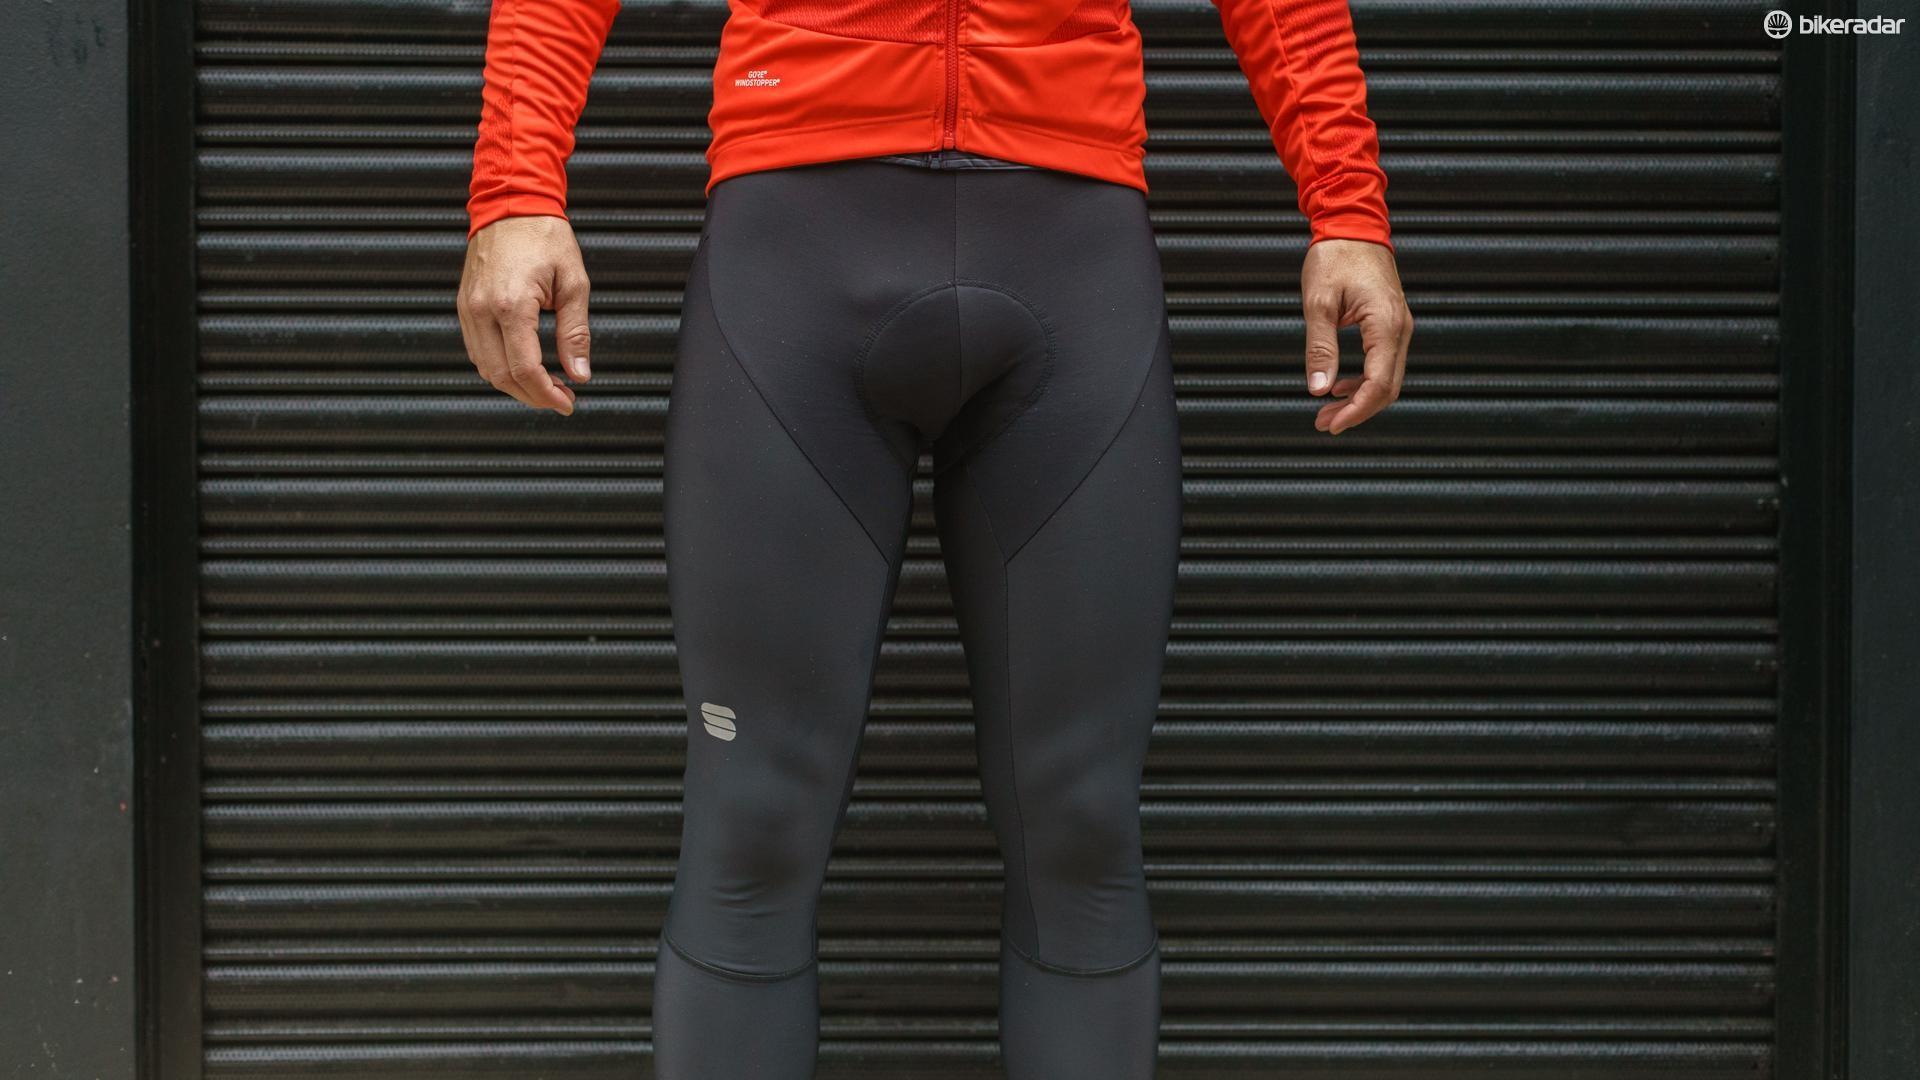 Sportful Fiandre NoRain Pro bib tights